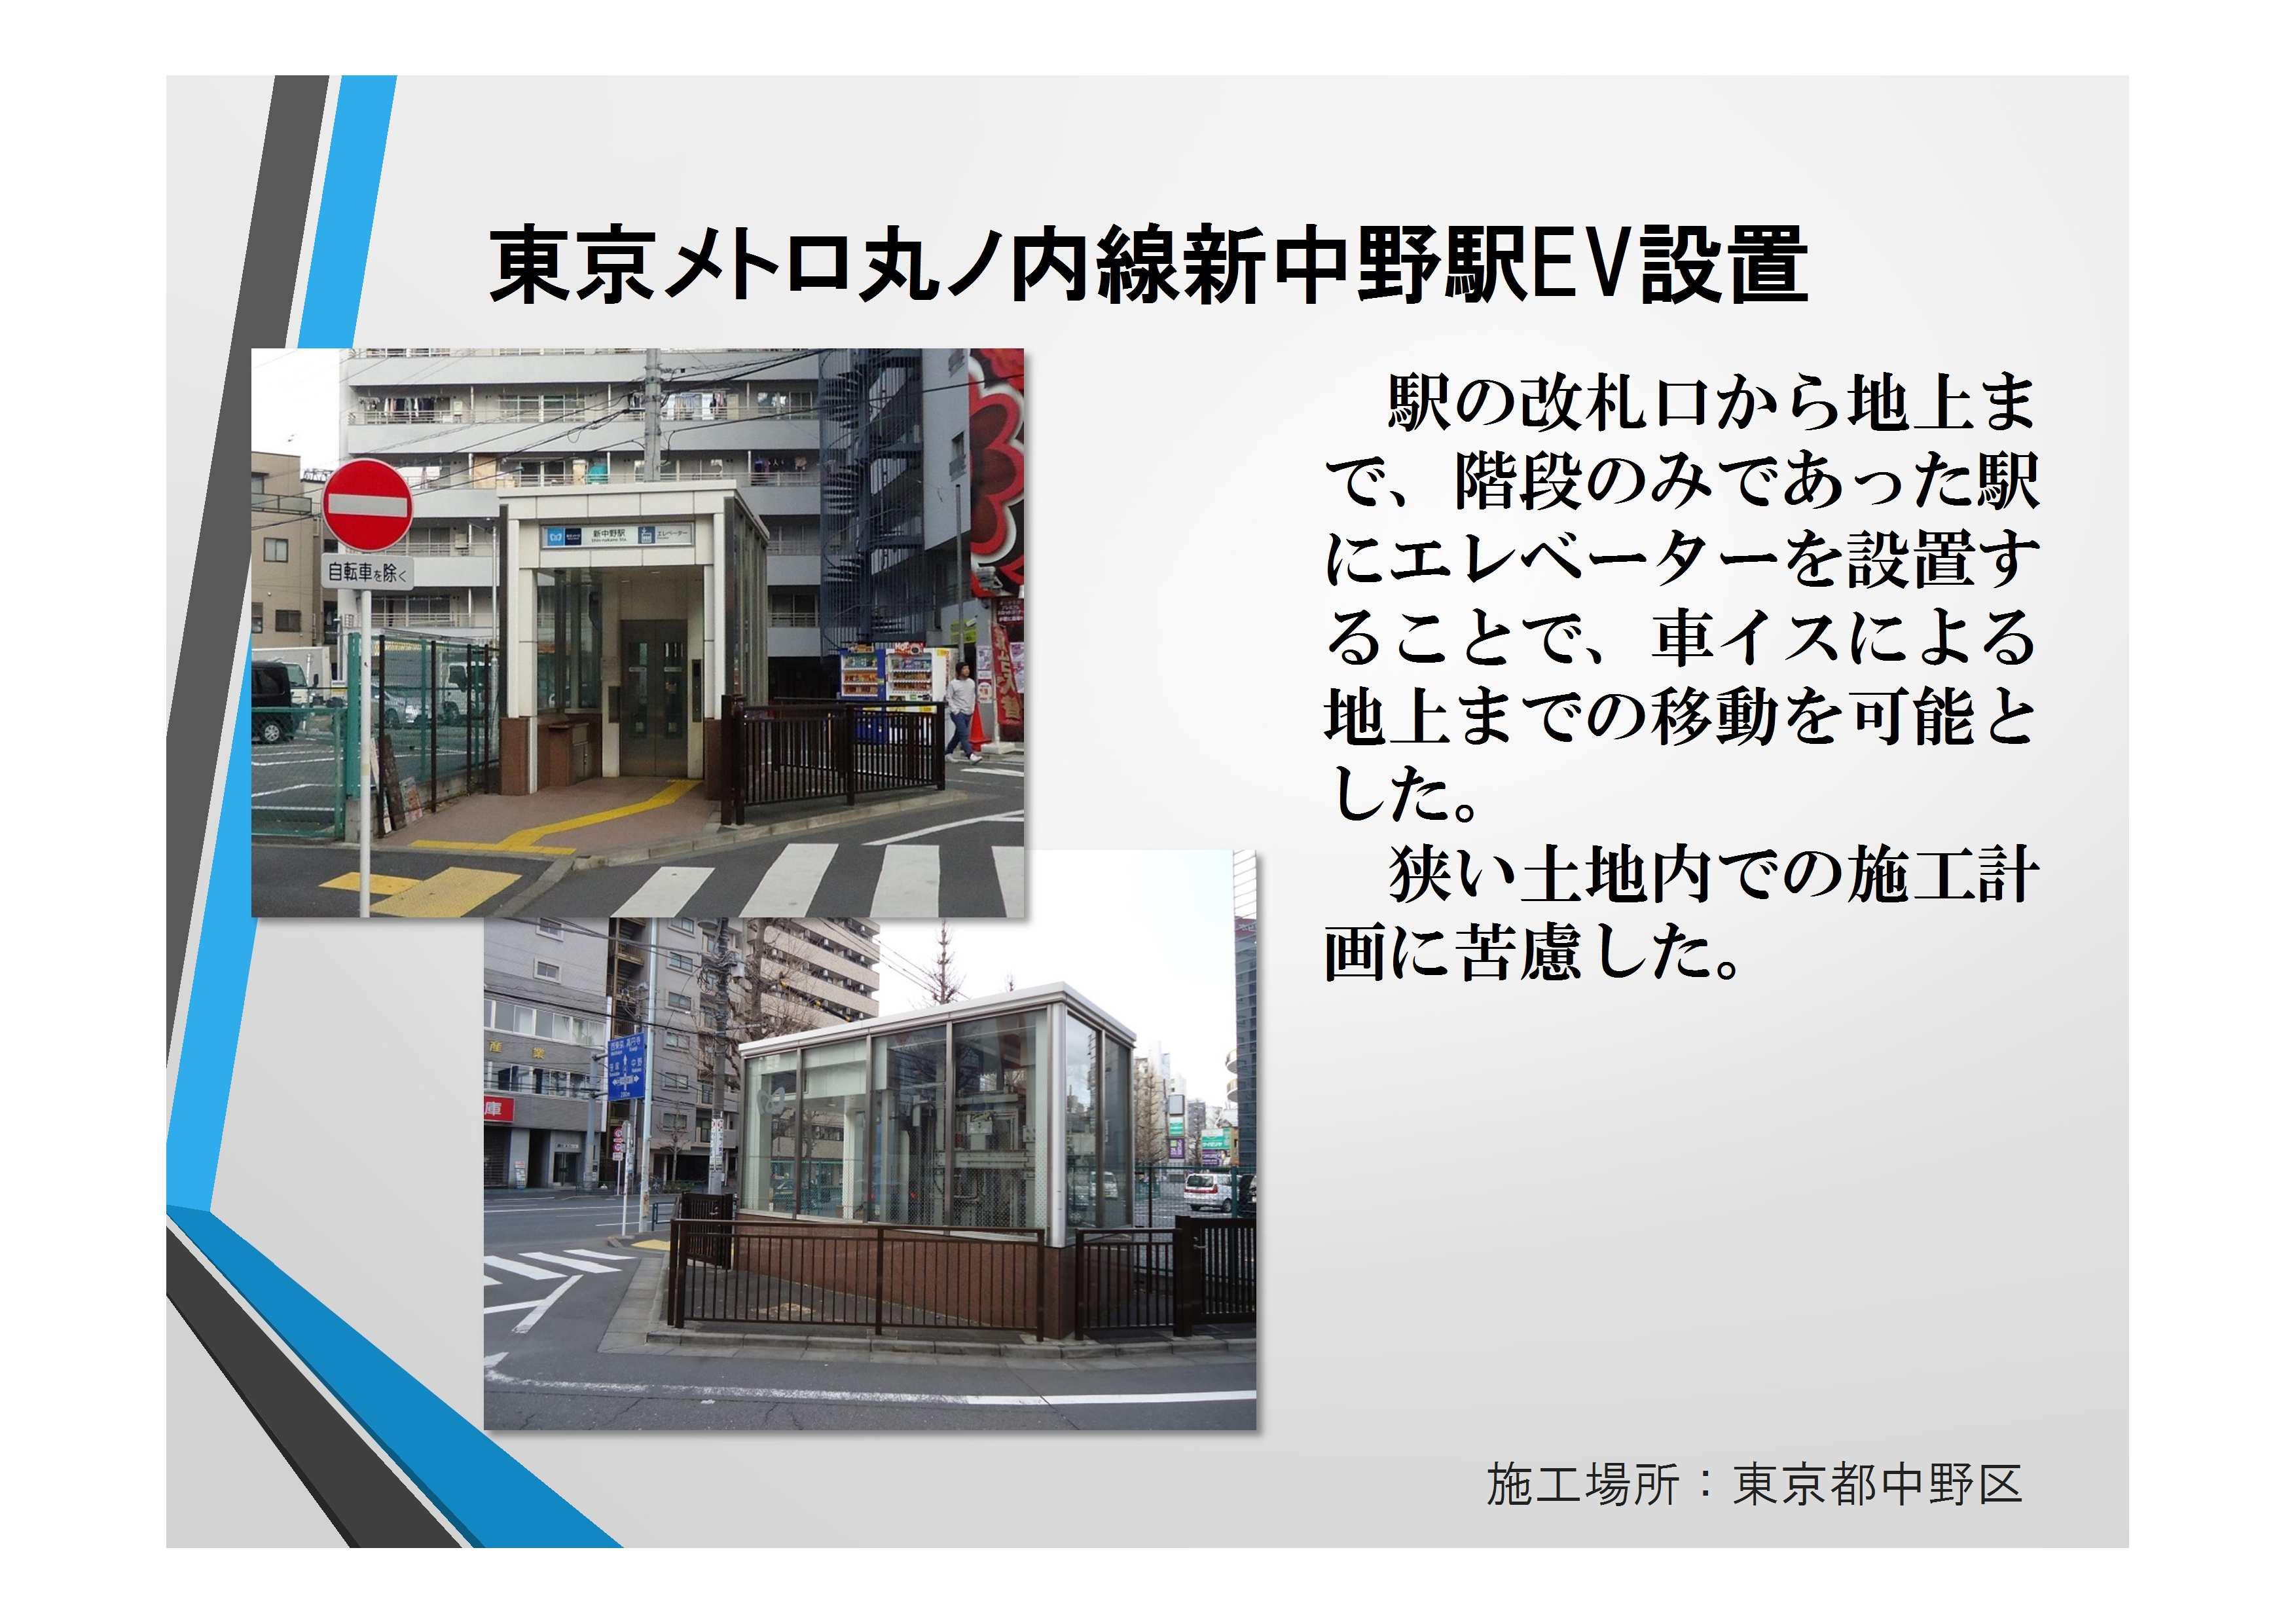 18-104東京地下鉄(新中野EV)